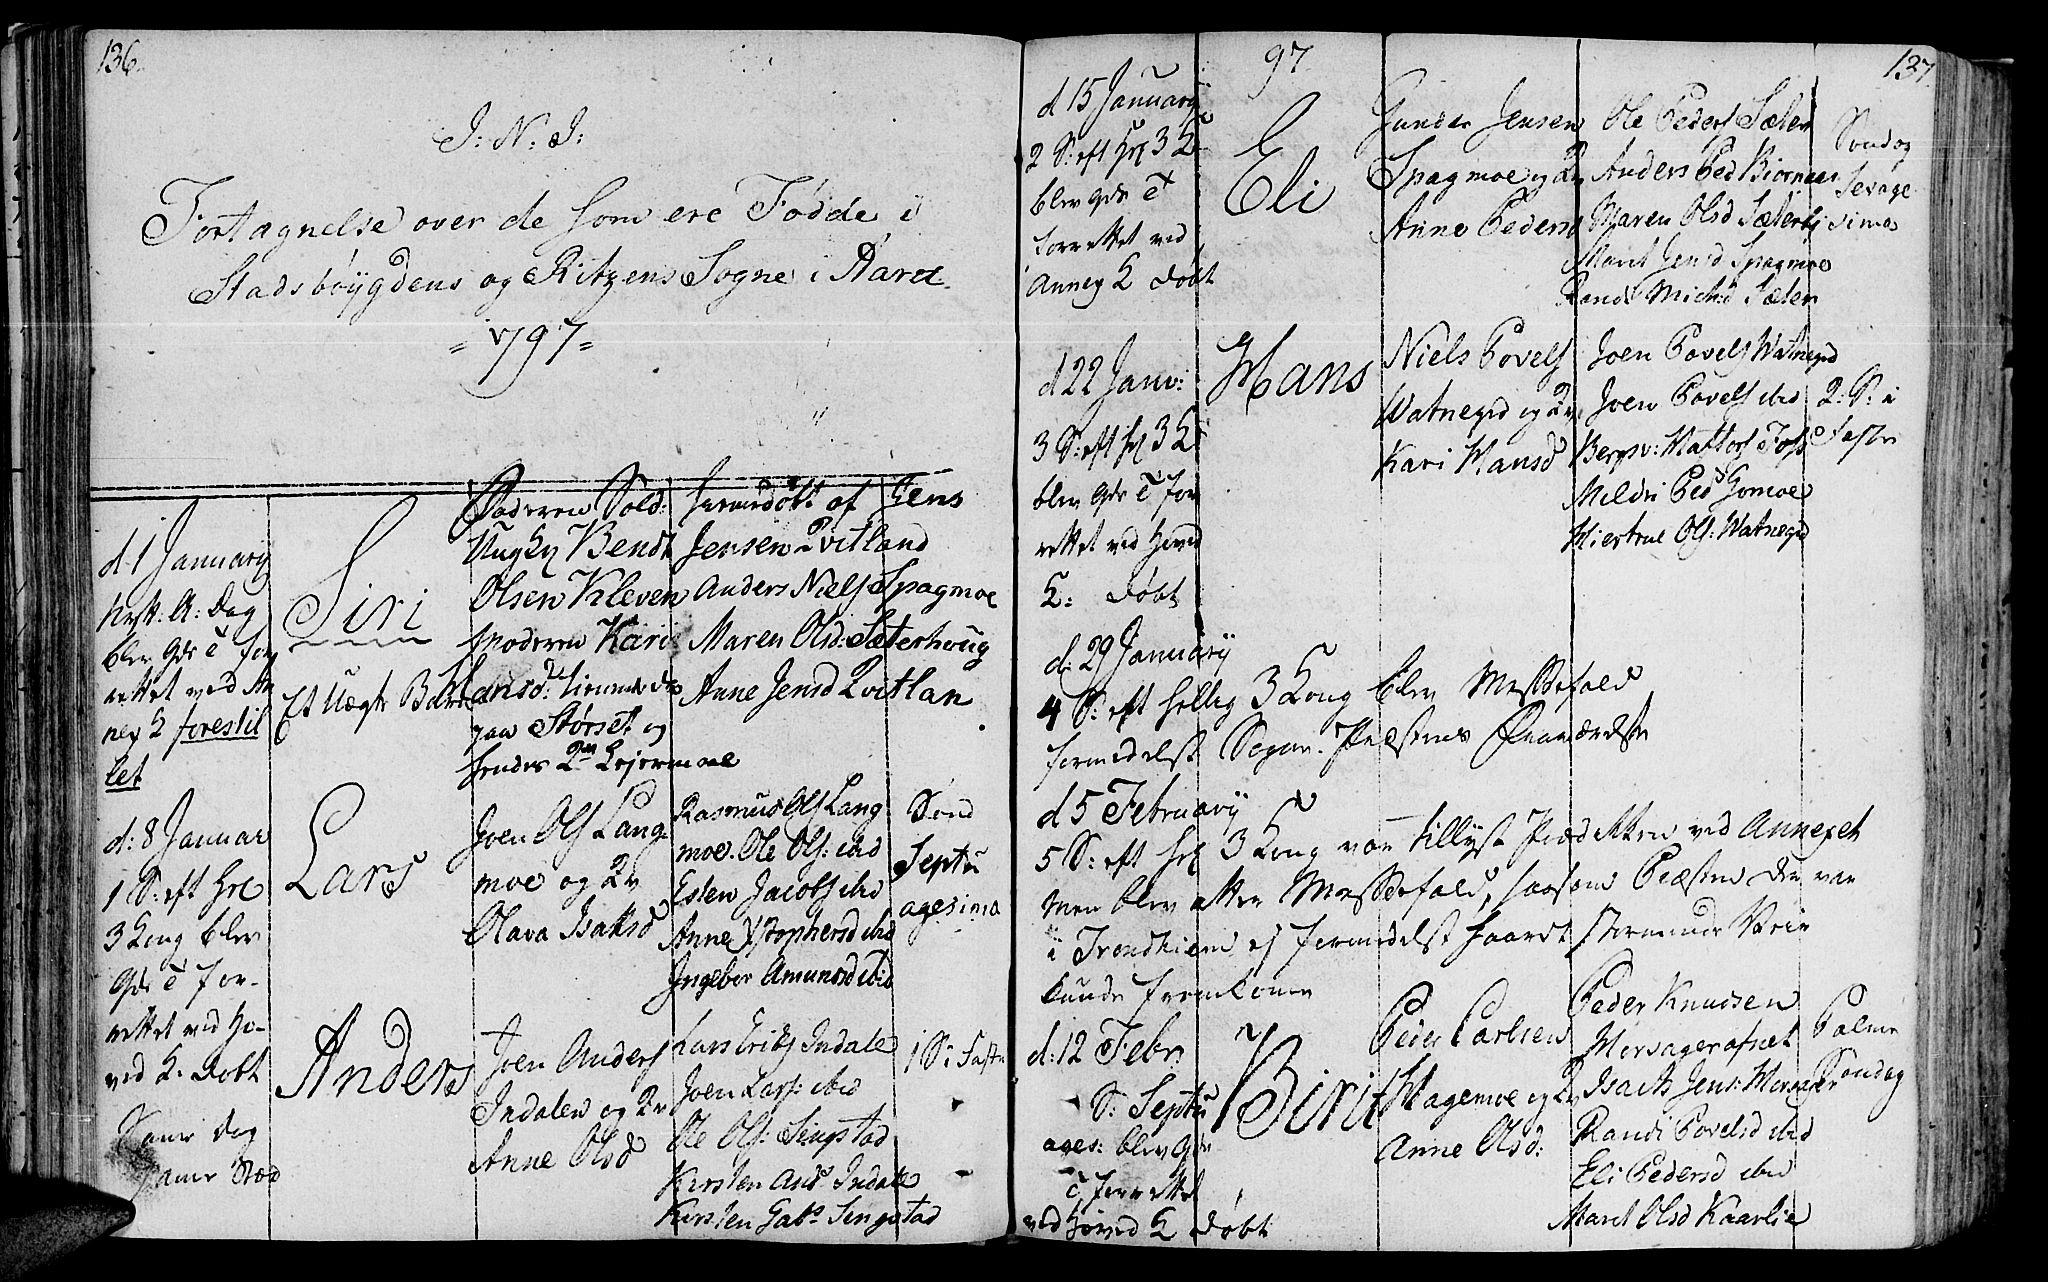 SAT, Ministerialprotokoller, klokkerbøker og fødselsregistre - Sør-Trøndelag, 646/L0606: Ministerialbok nr. 646A04, 1791-1805, s. 136-137